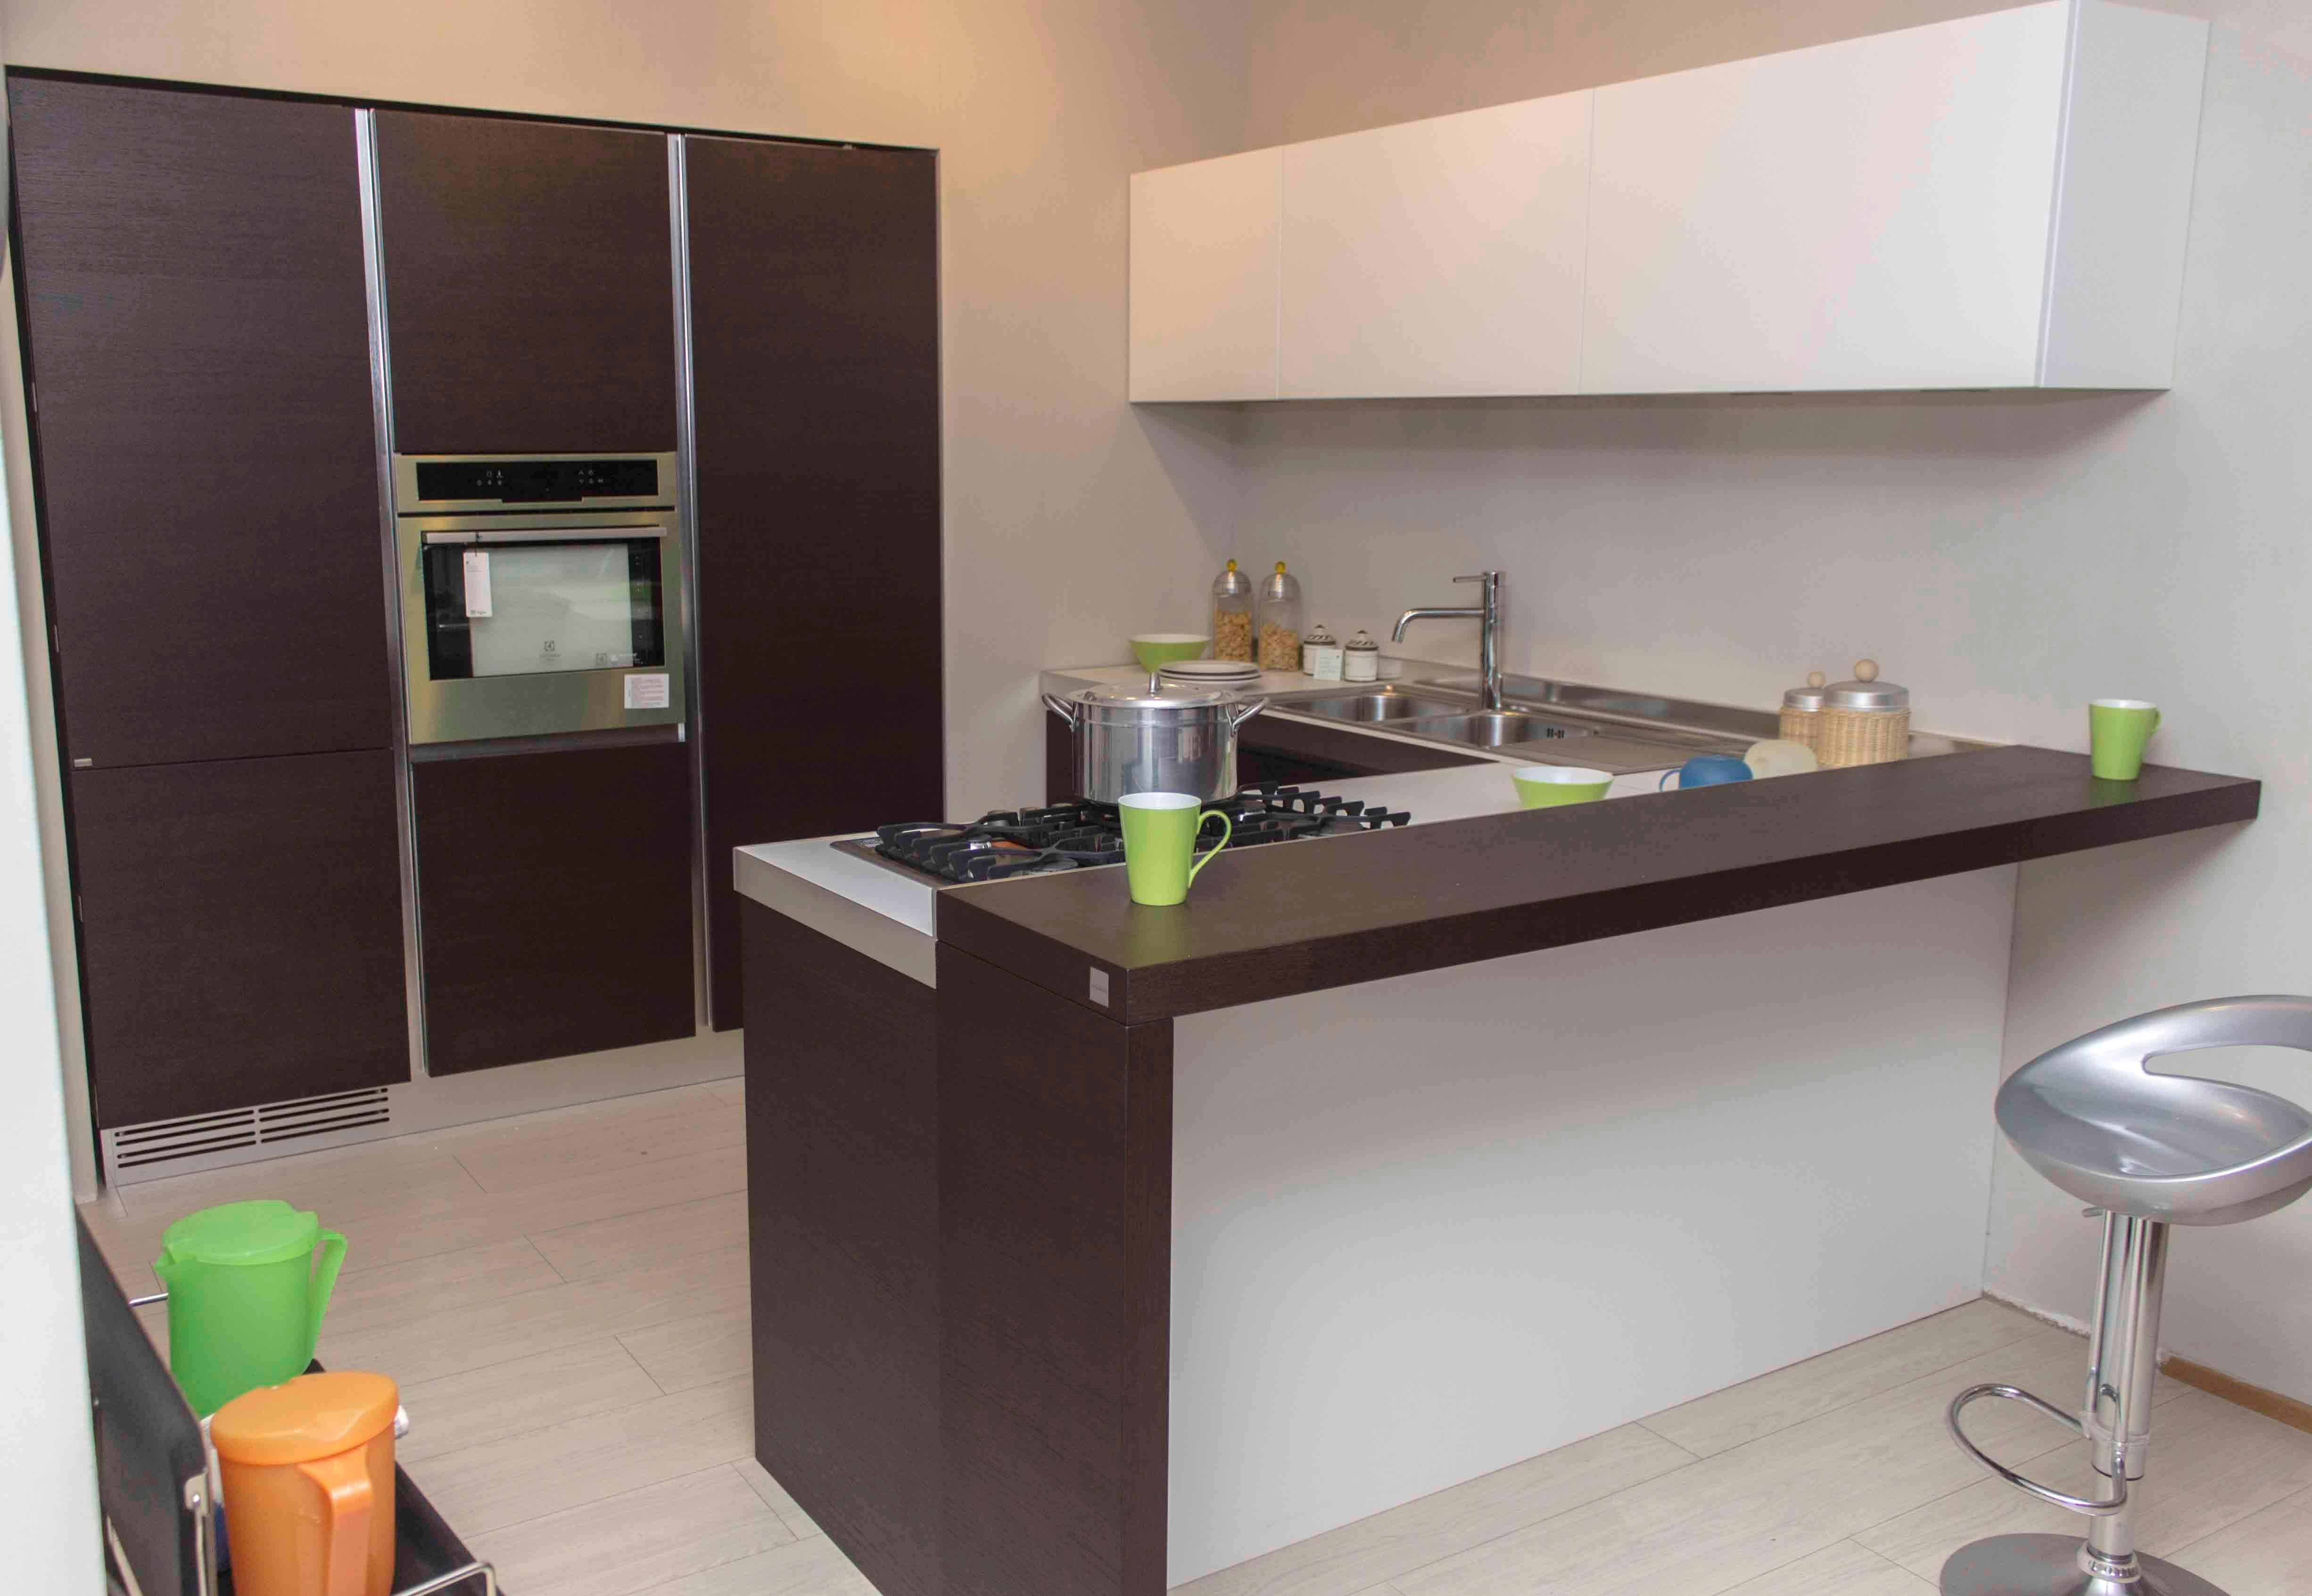 Simple ernestomeda cucina one scontato del cucine a prezzi scontati with prezzi cucine ernestomeda - Cucine snaidero opinioni ...